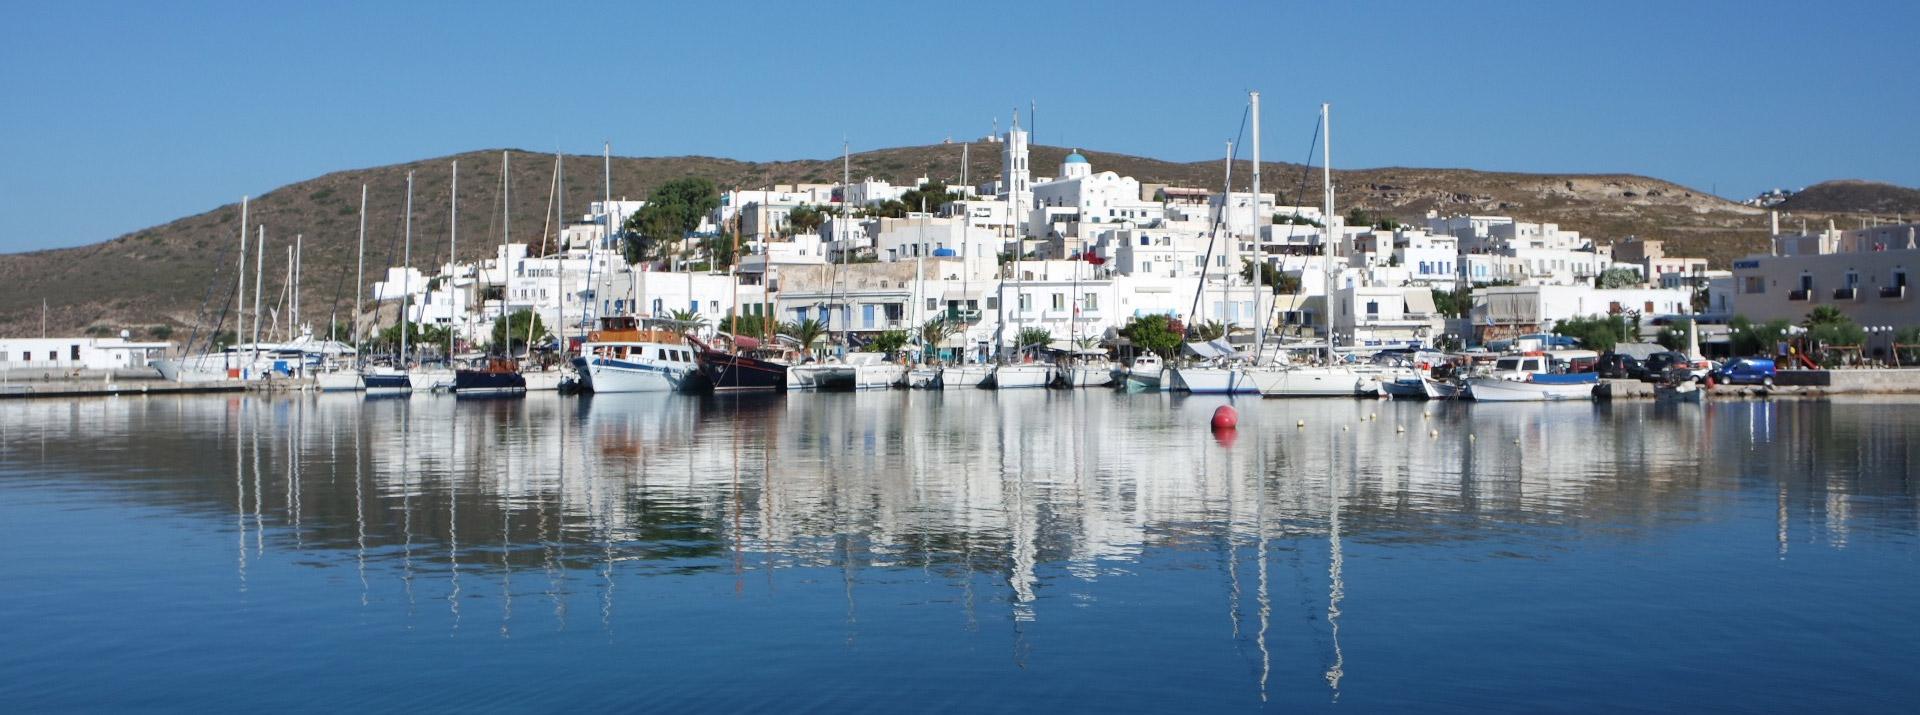 croisiere en grece, arrivée au port à la voile